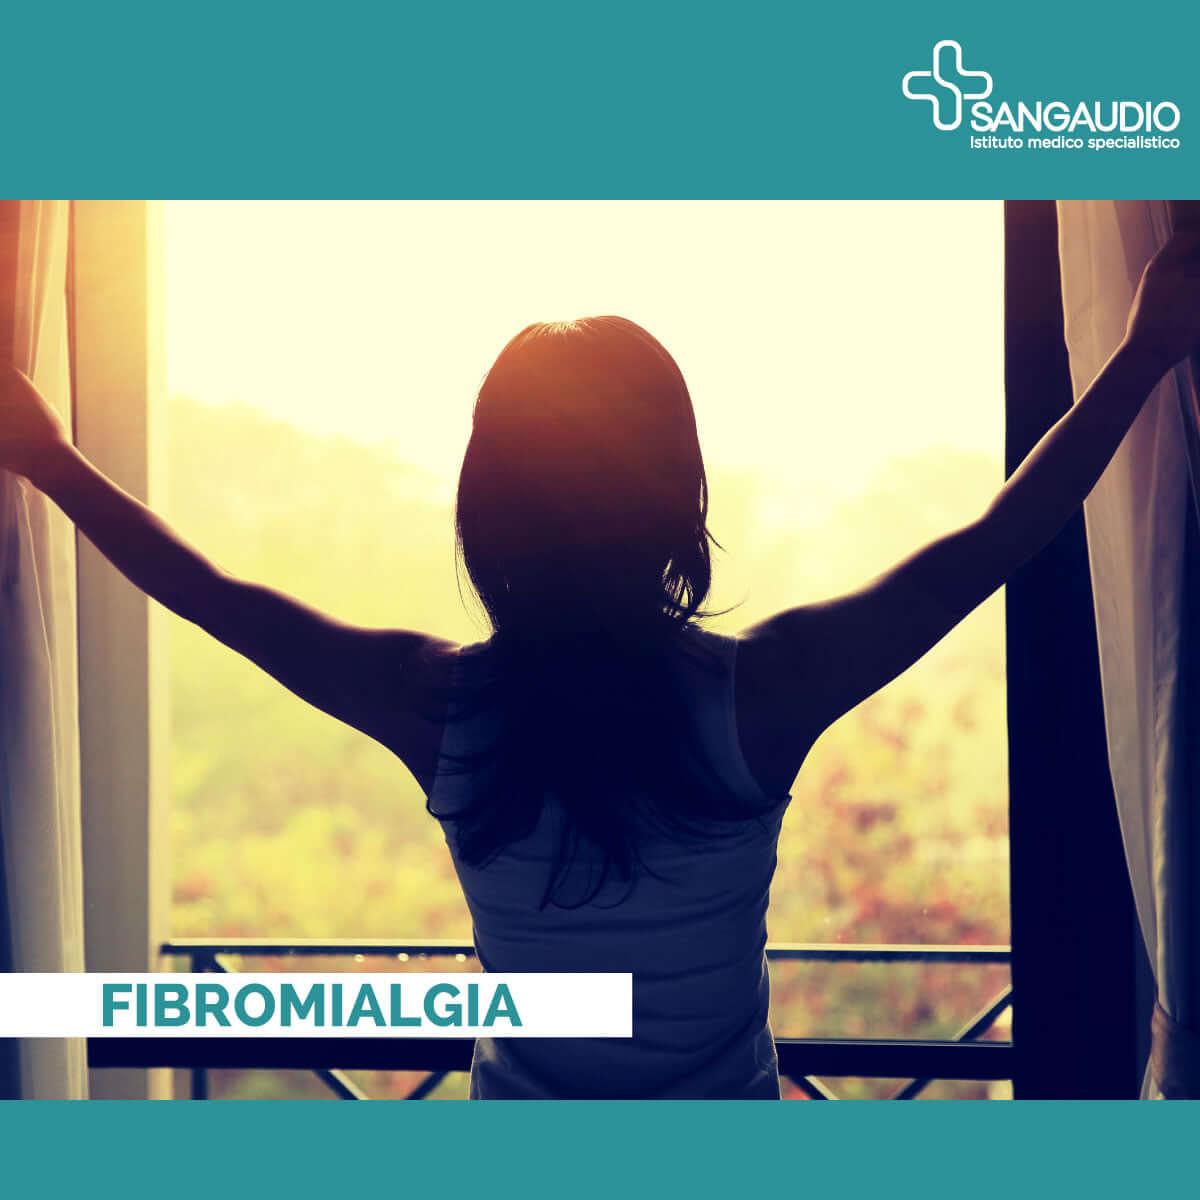 CHE COS'E' LA FIBROMIALGIA ?